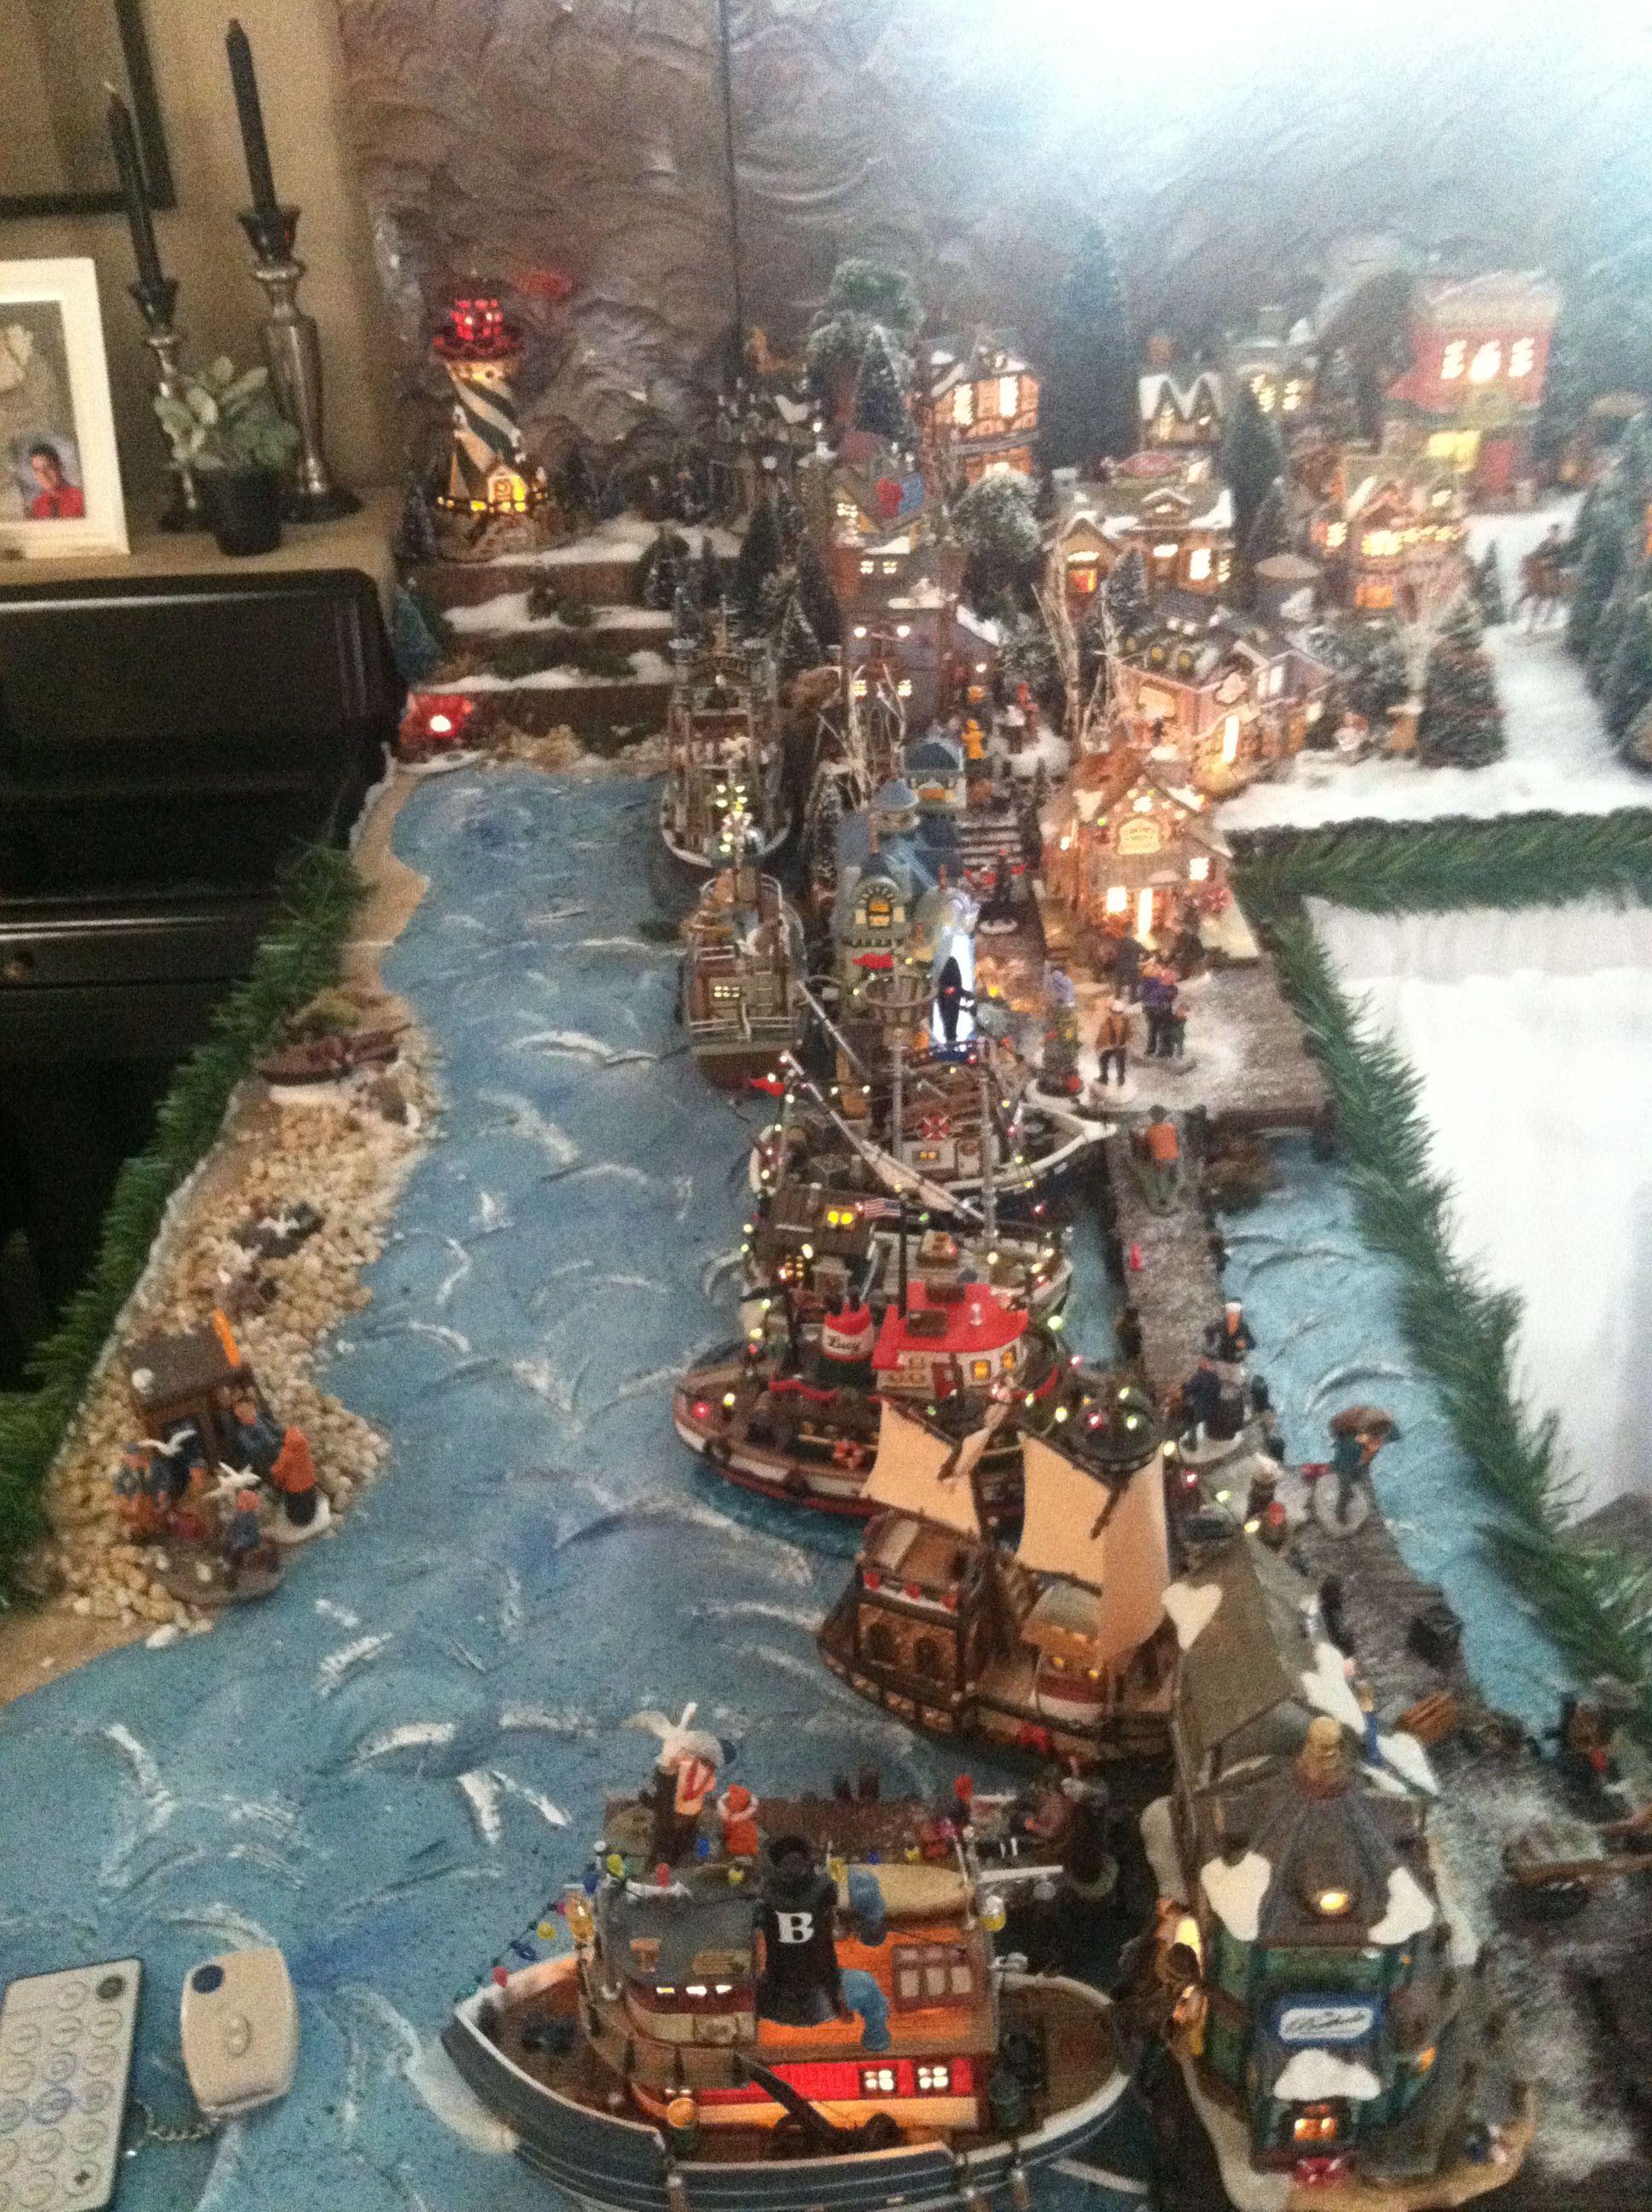 2011 Lemax Christmas Display Docks Christmas Village